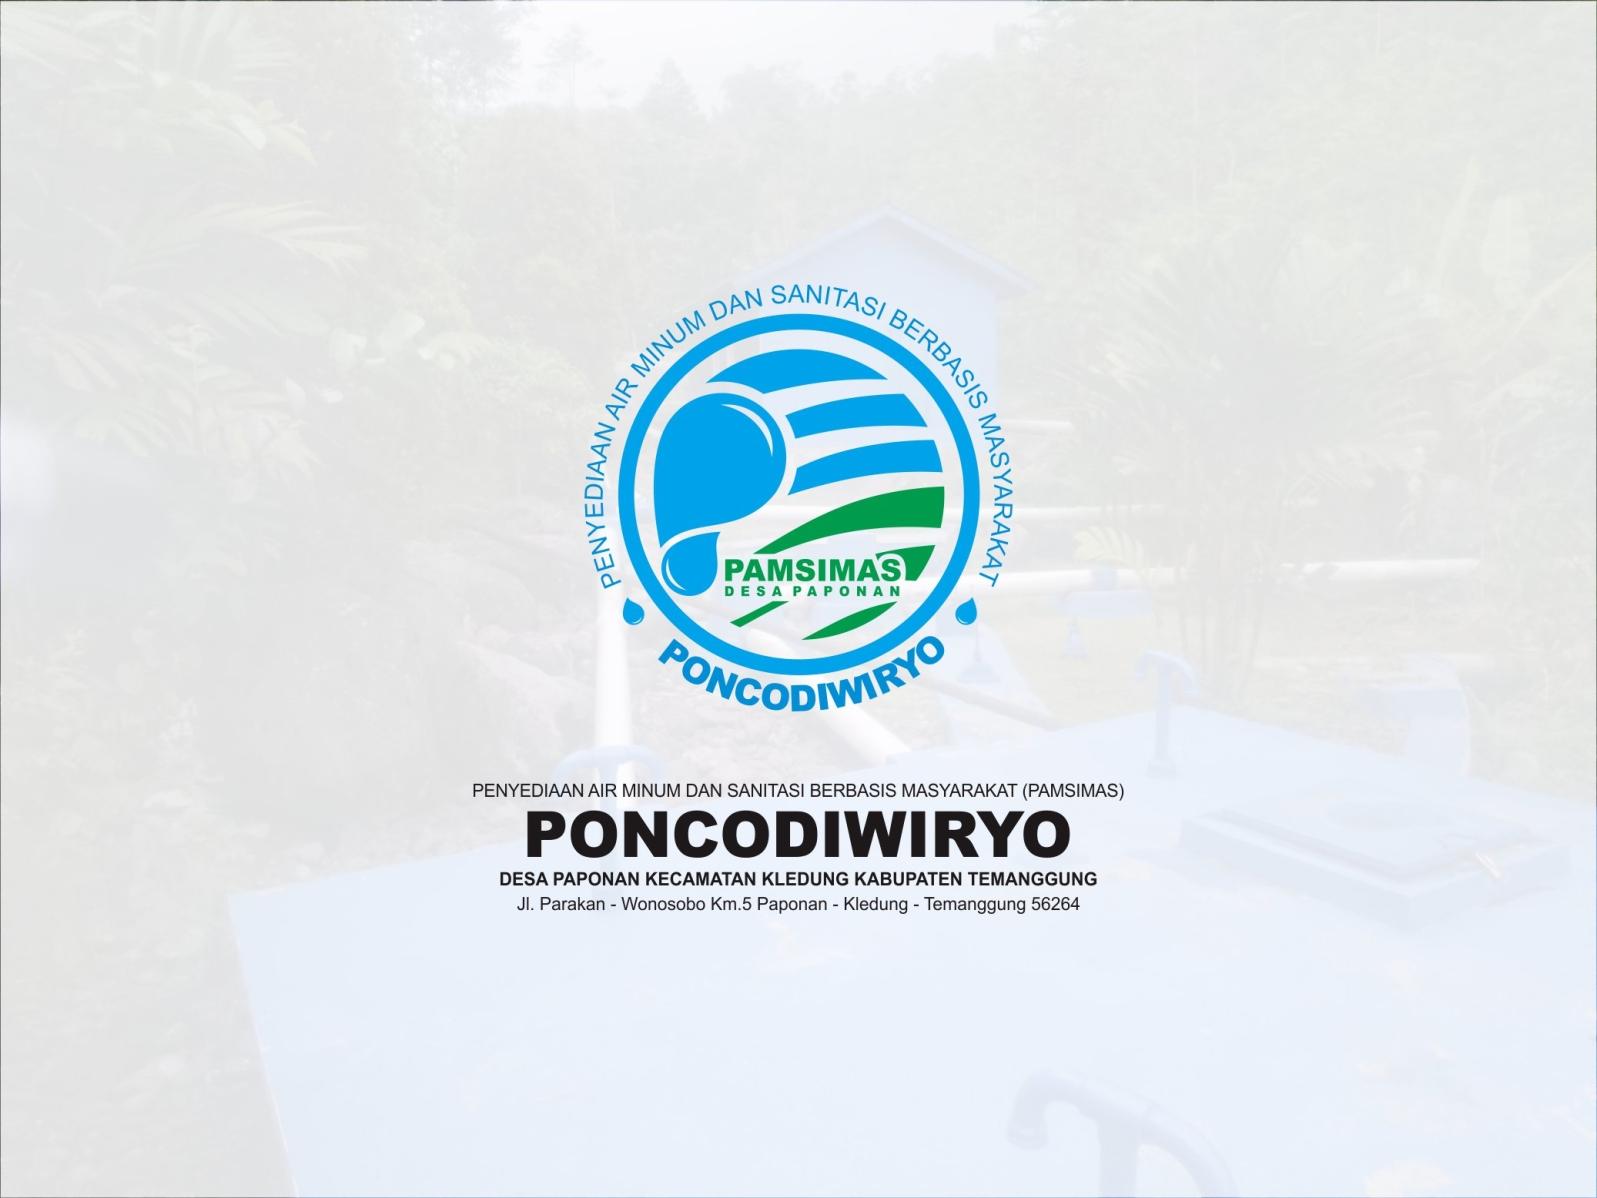 Logo For Pamsimas By Miftahurrohmad On Dribbble